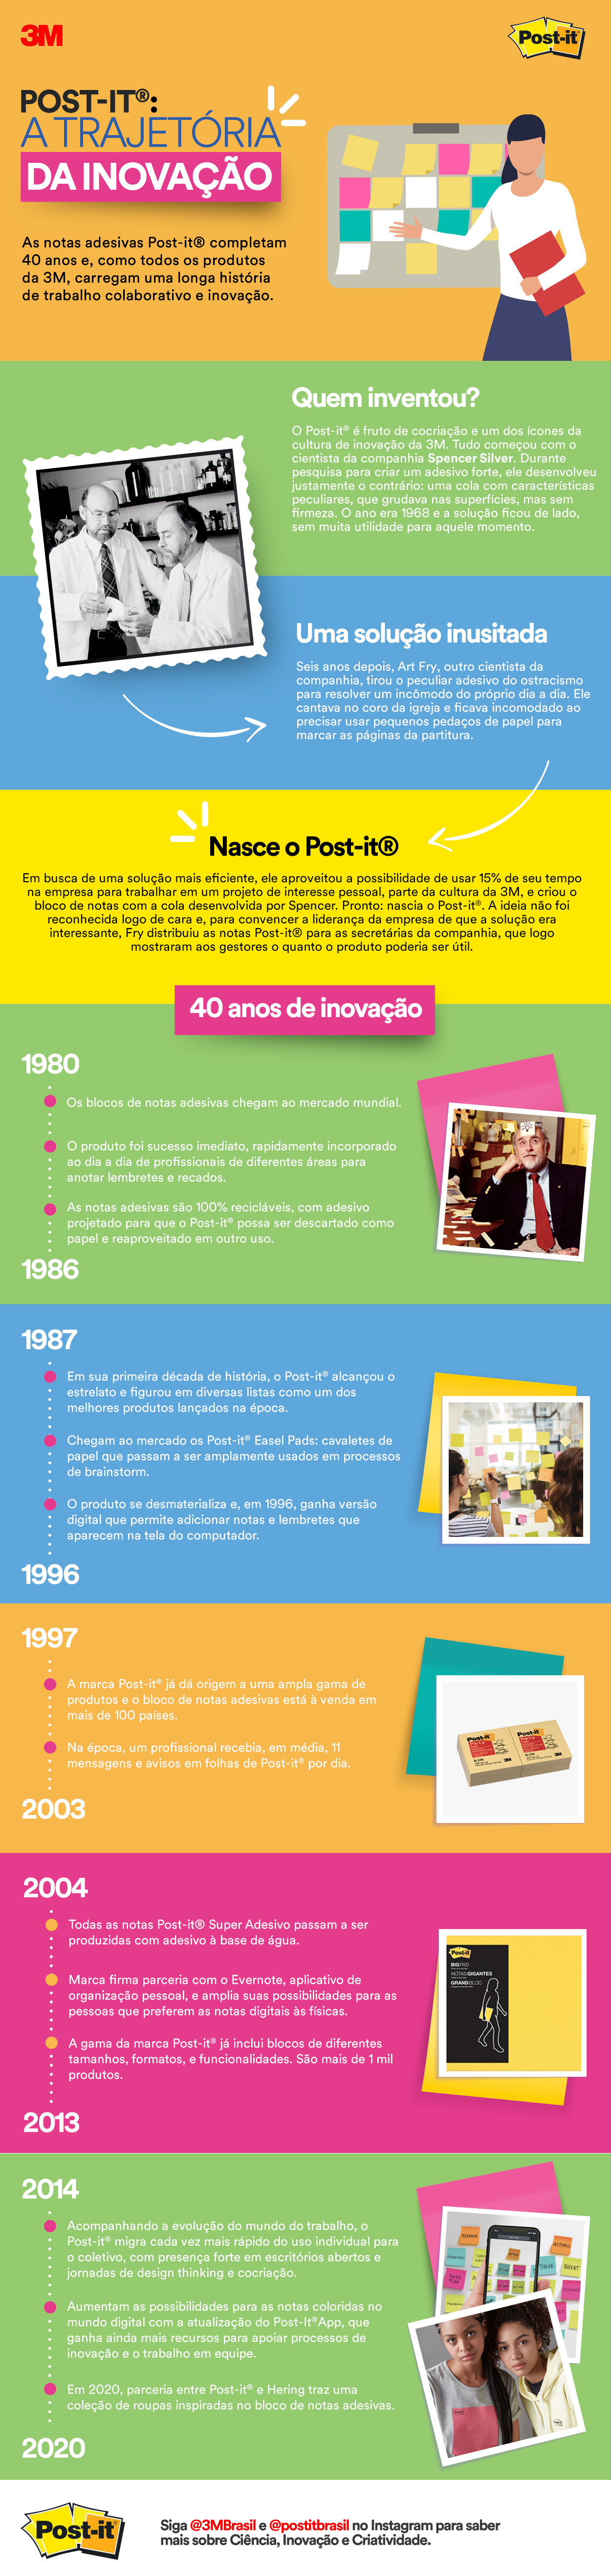 ~Historihistória de inovação do Post-it